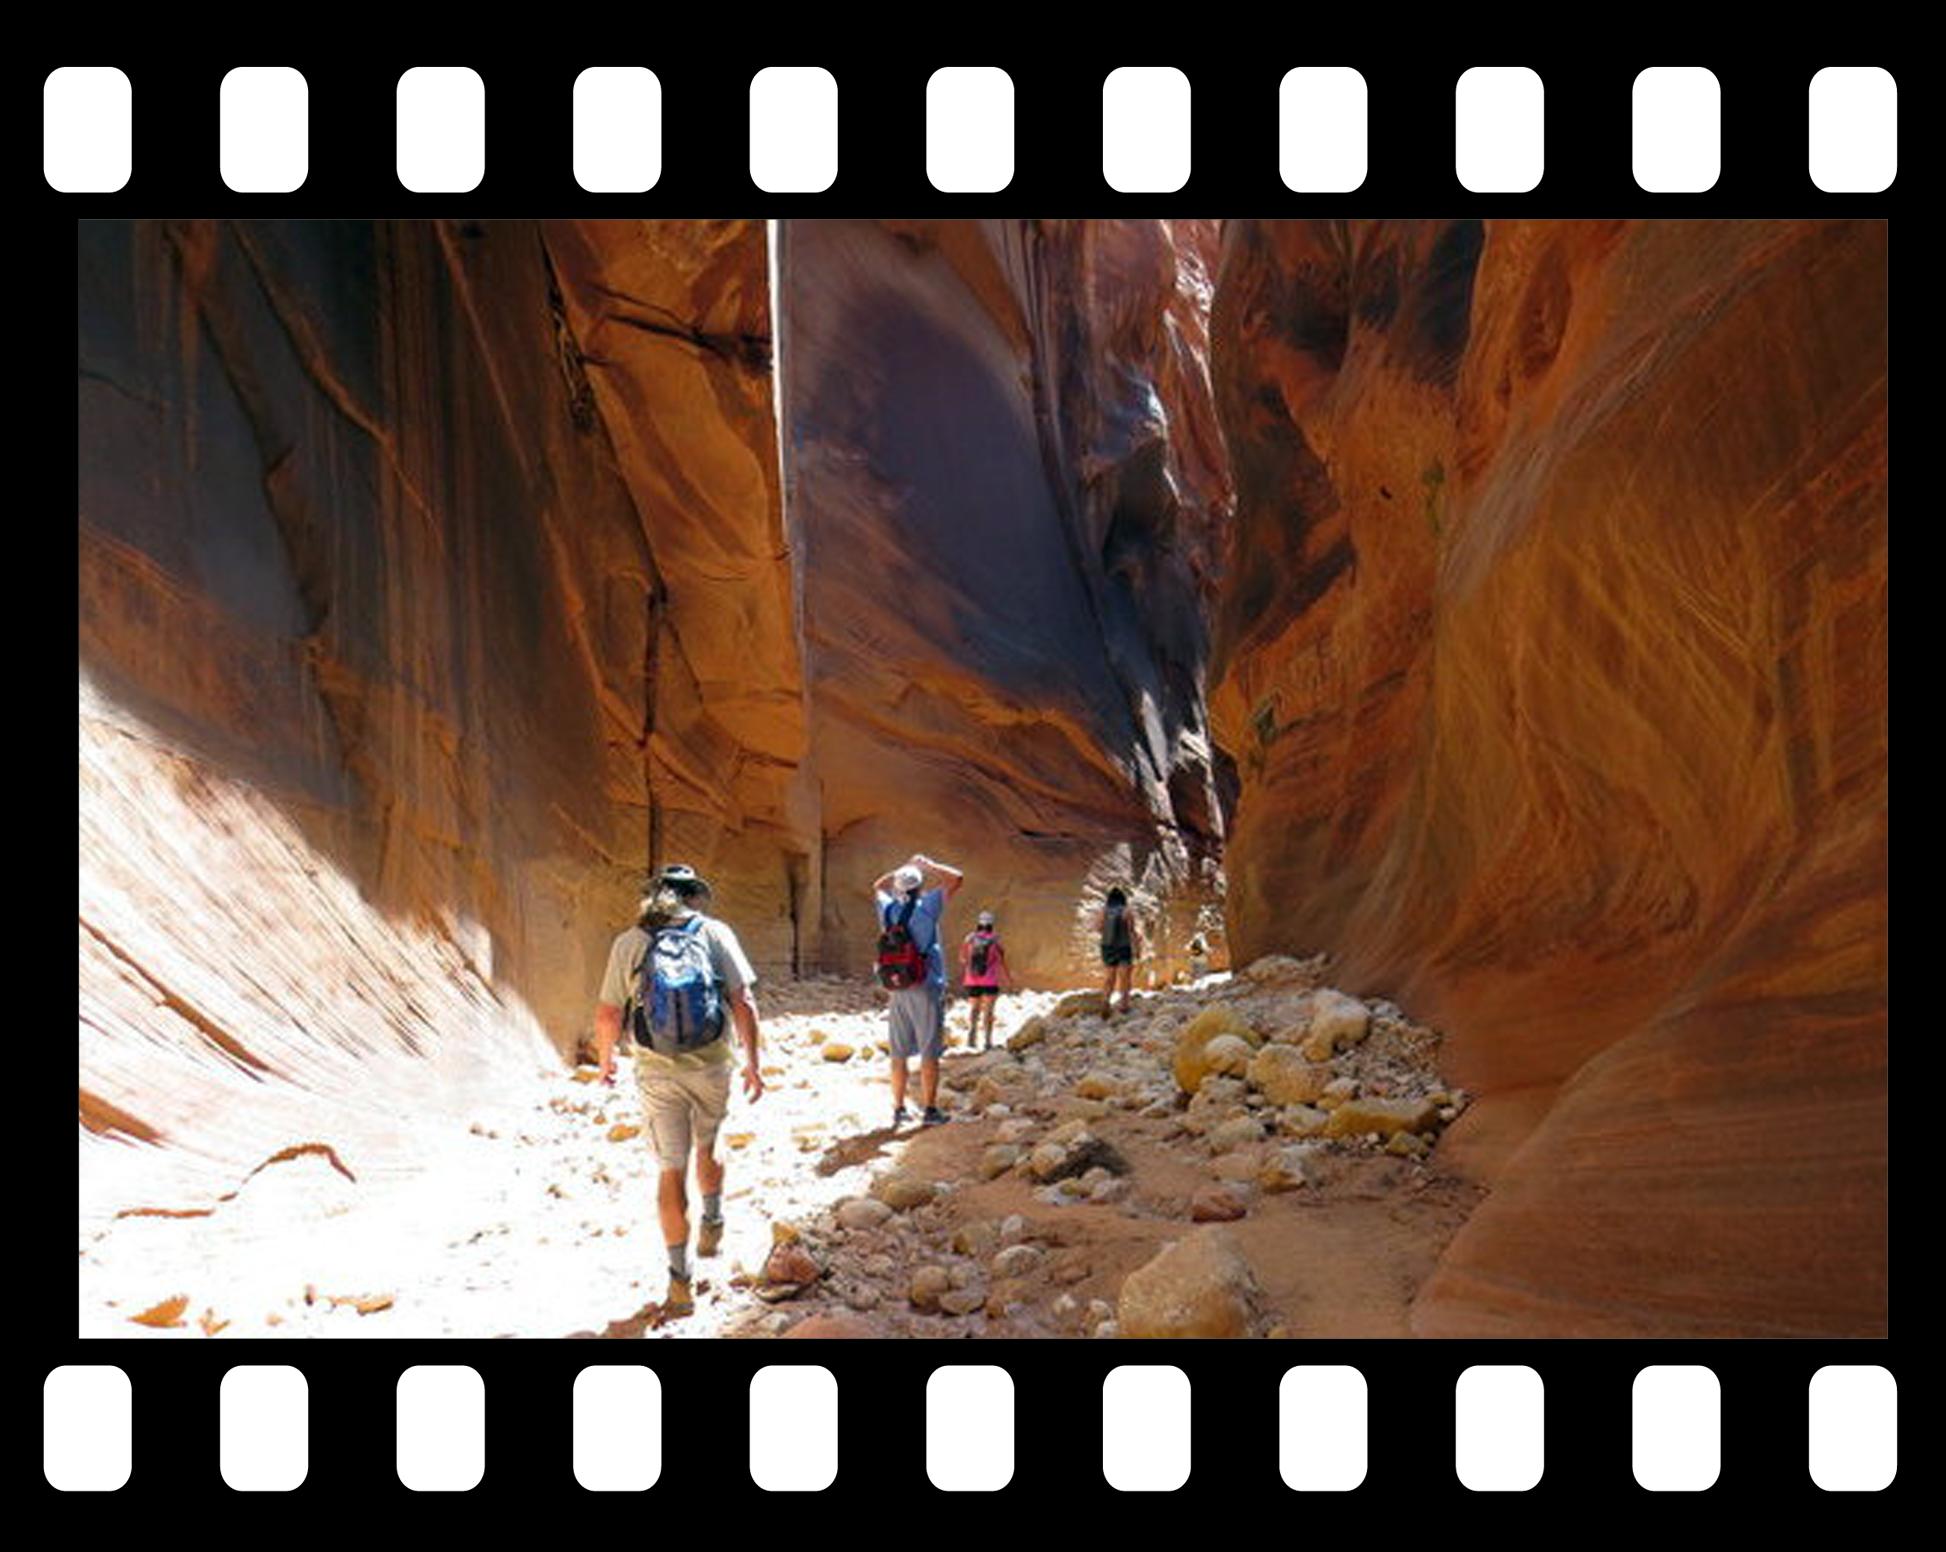 slot canyon tours